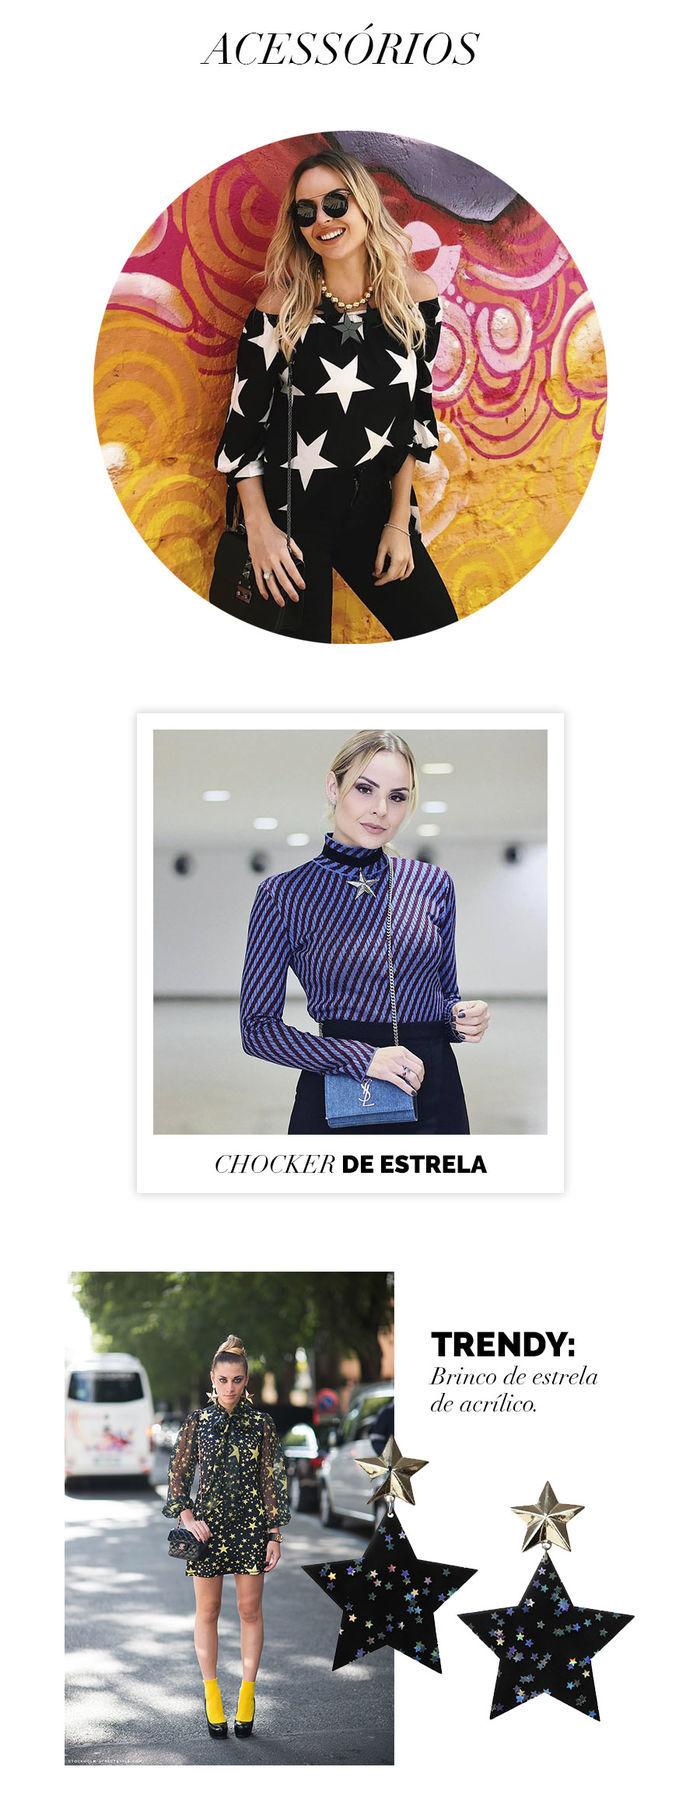 Layla Monteiro como usar look com estrela tendência acessórios star brinco de estrela de acrílico colar de bolas estrela